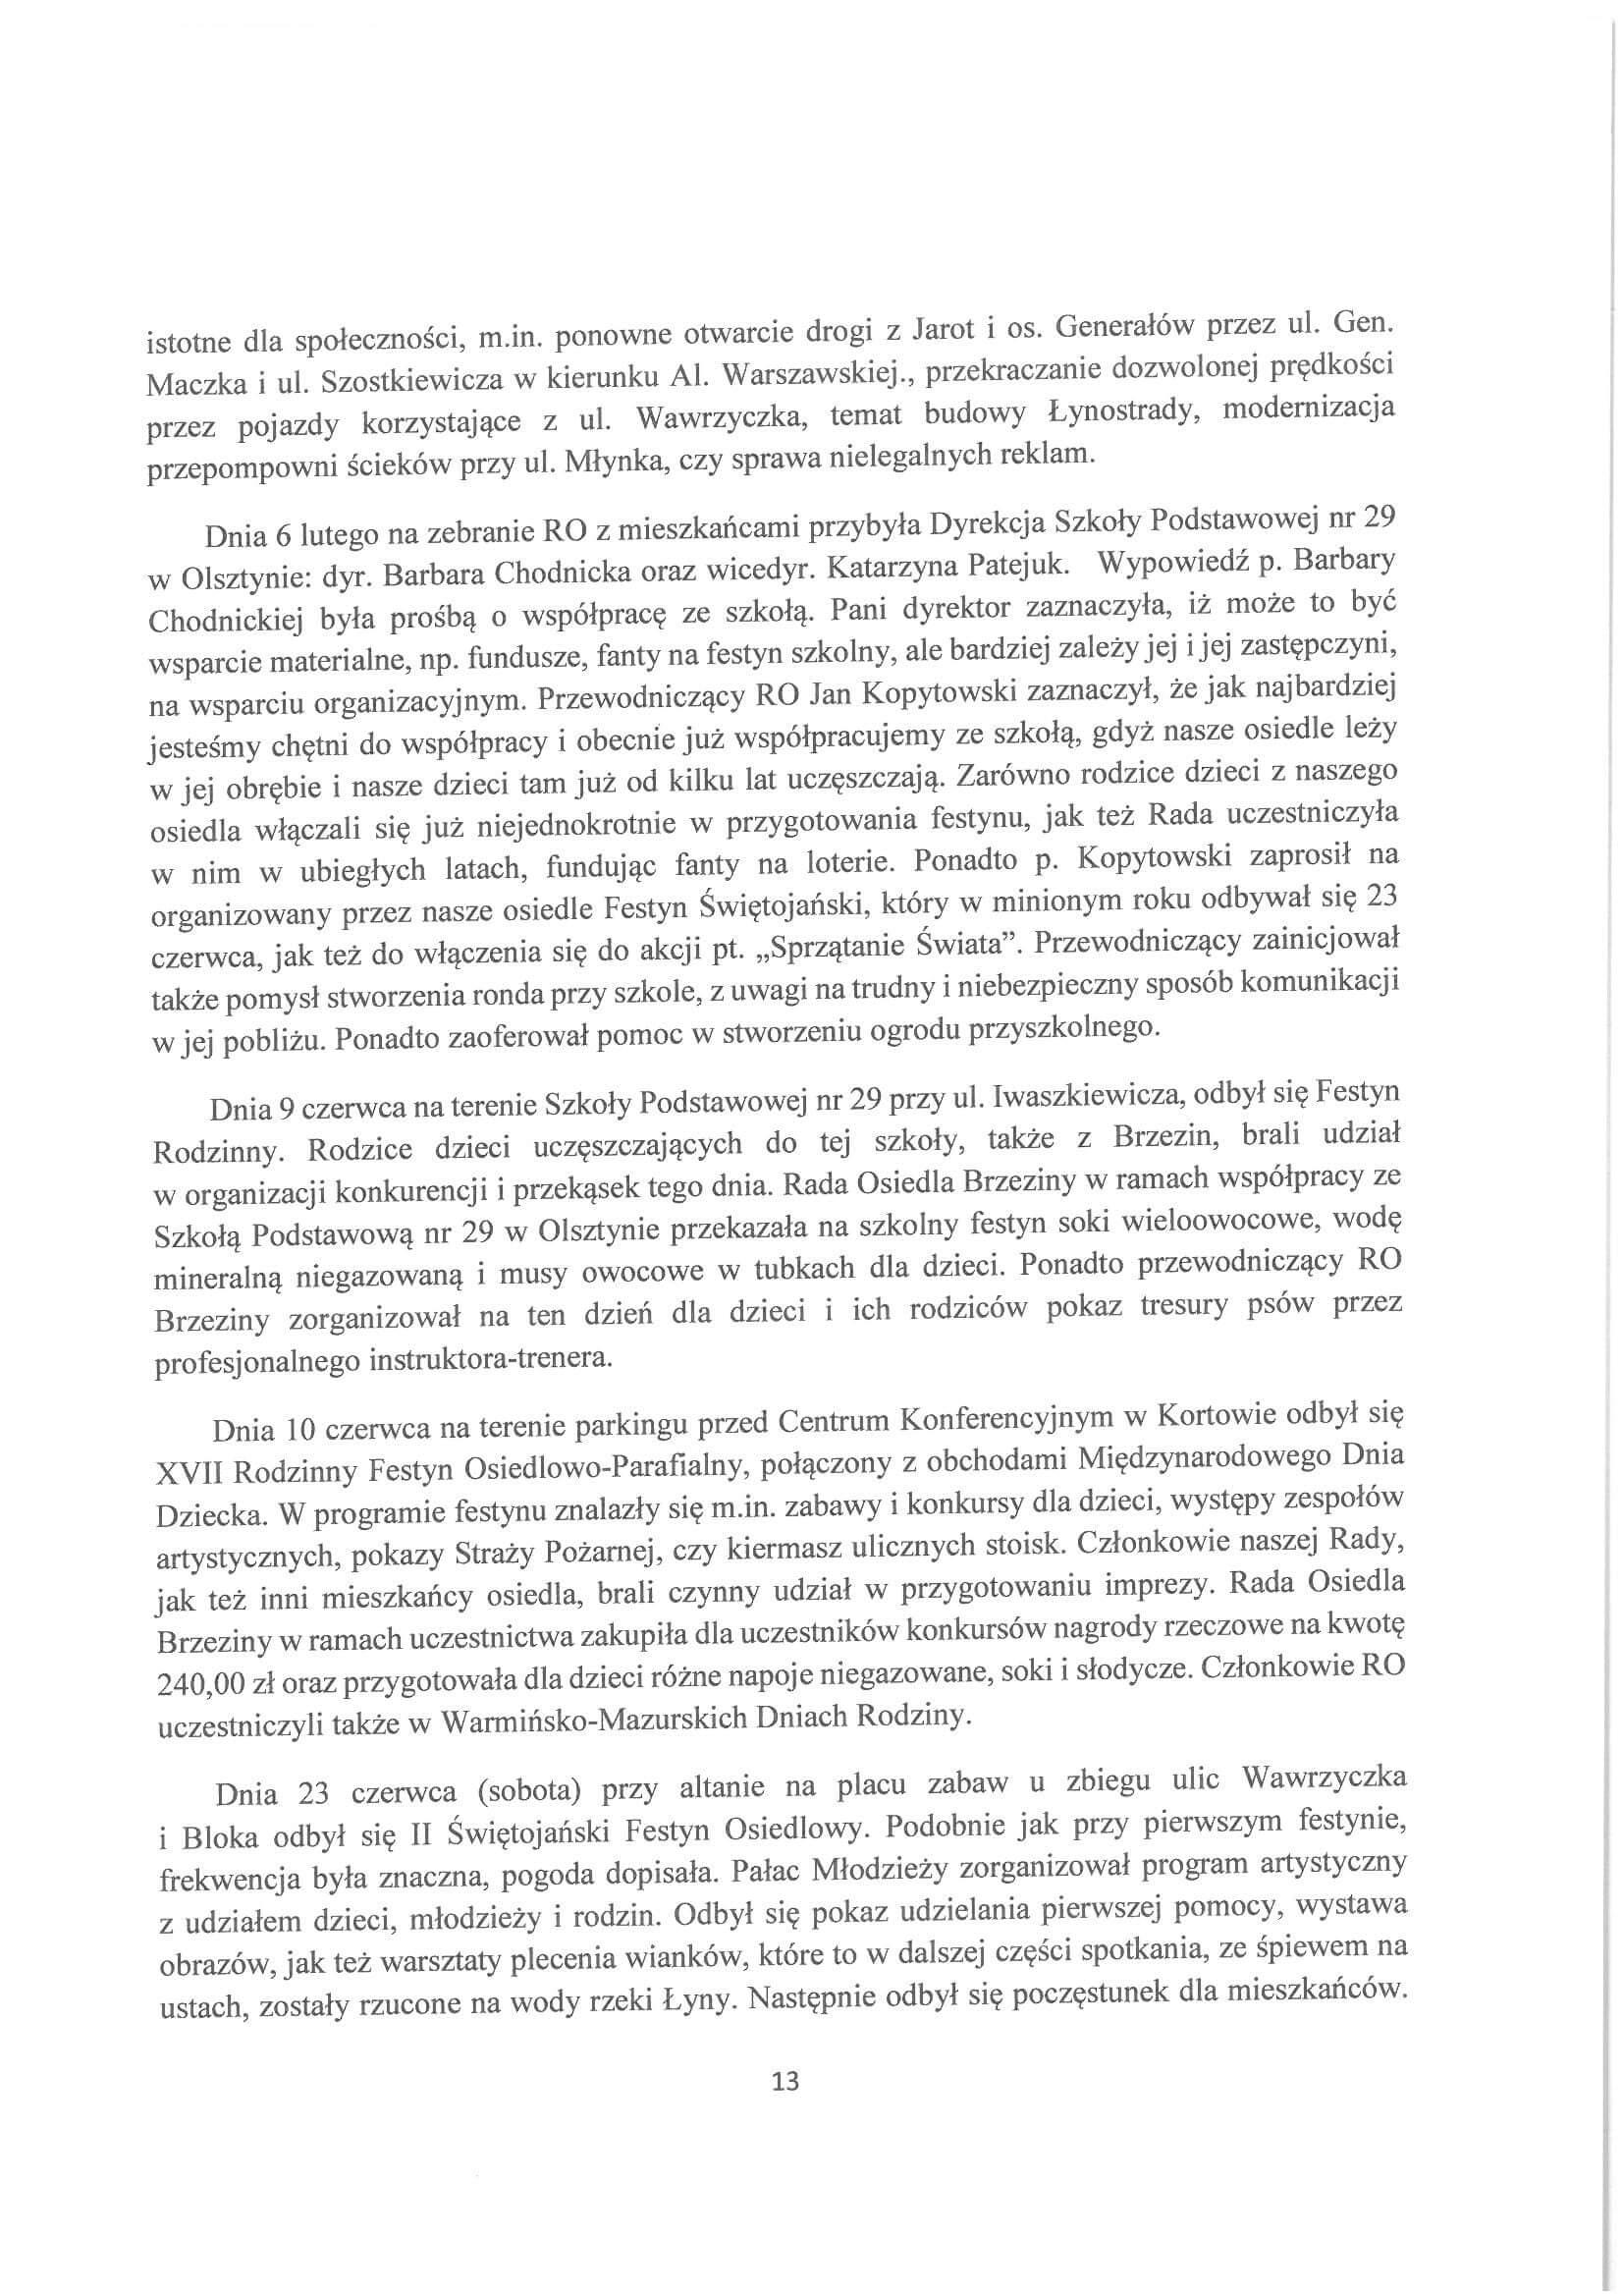 Sprawozdanie z działalności RO w latach 2015-2019-13